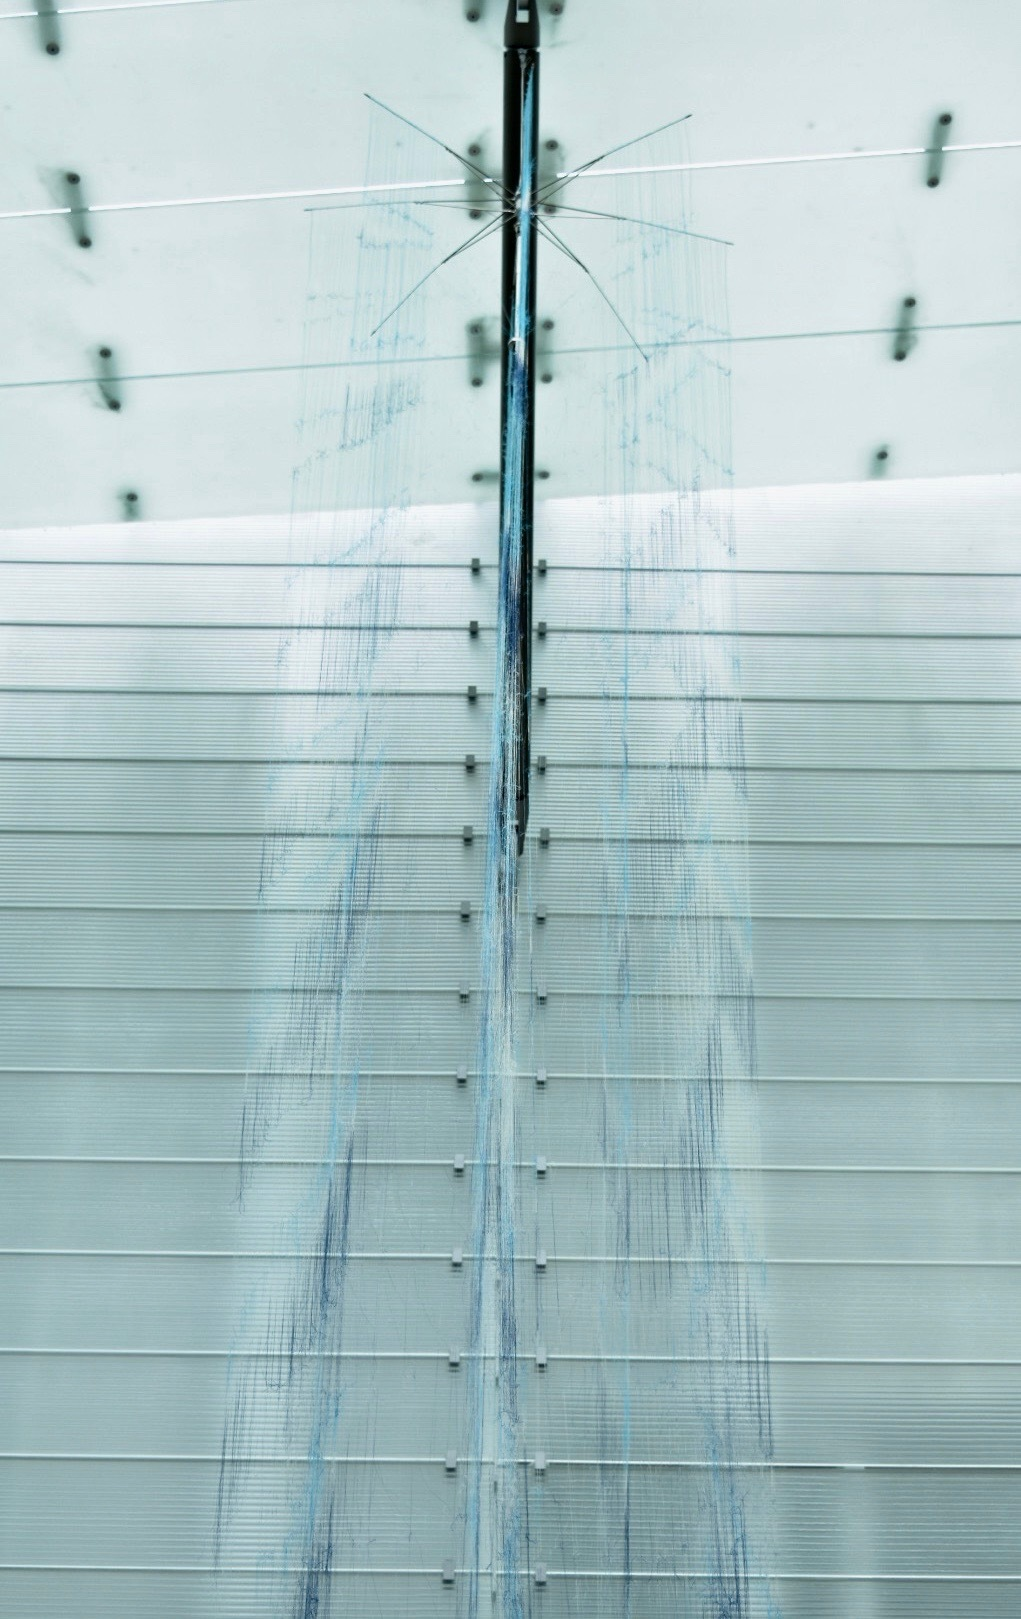 《untitled-rain DDR-》 2014年 (c)Kaoru Hirano